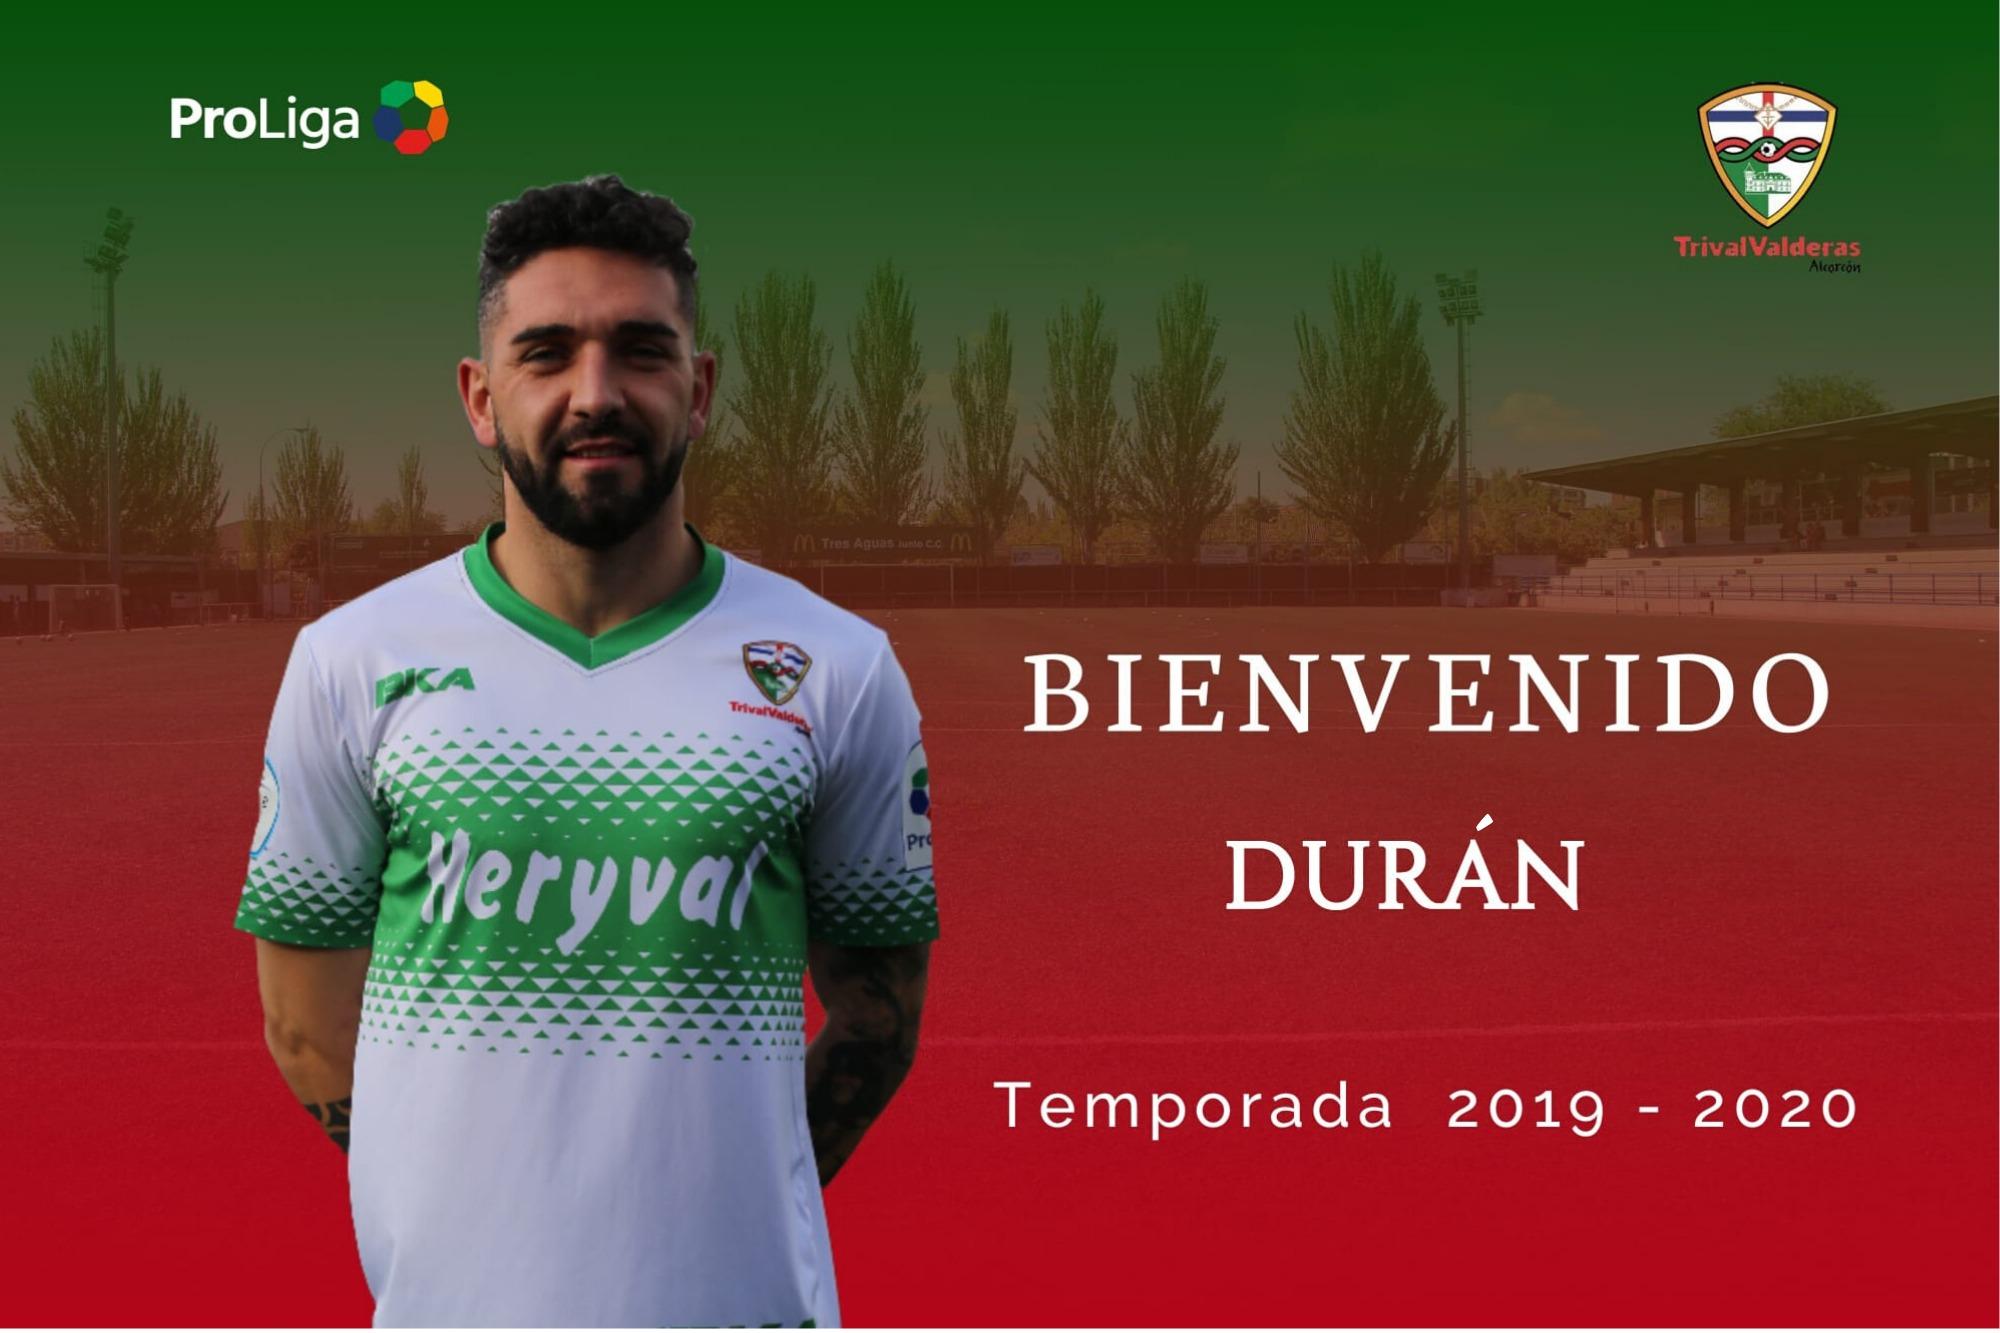 OFICIAL | Durán, nuevo jugador del Primer Equipo